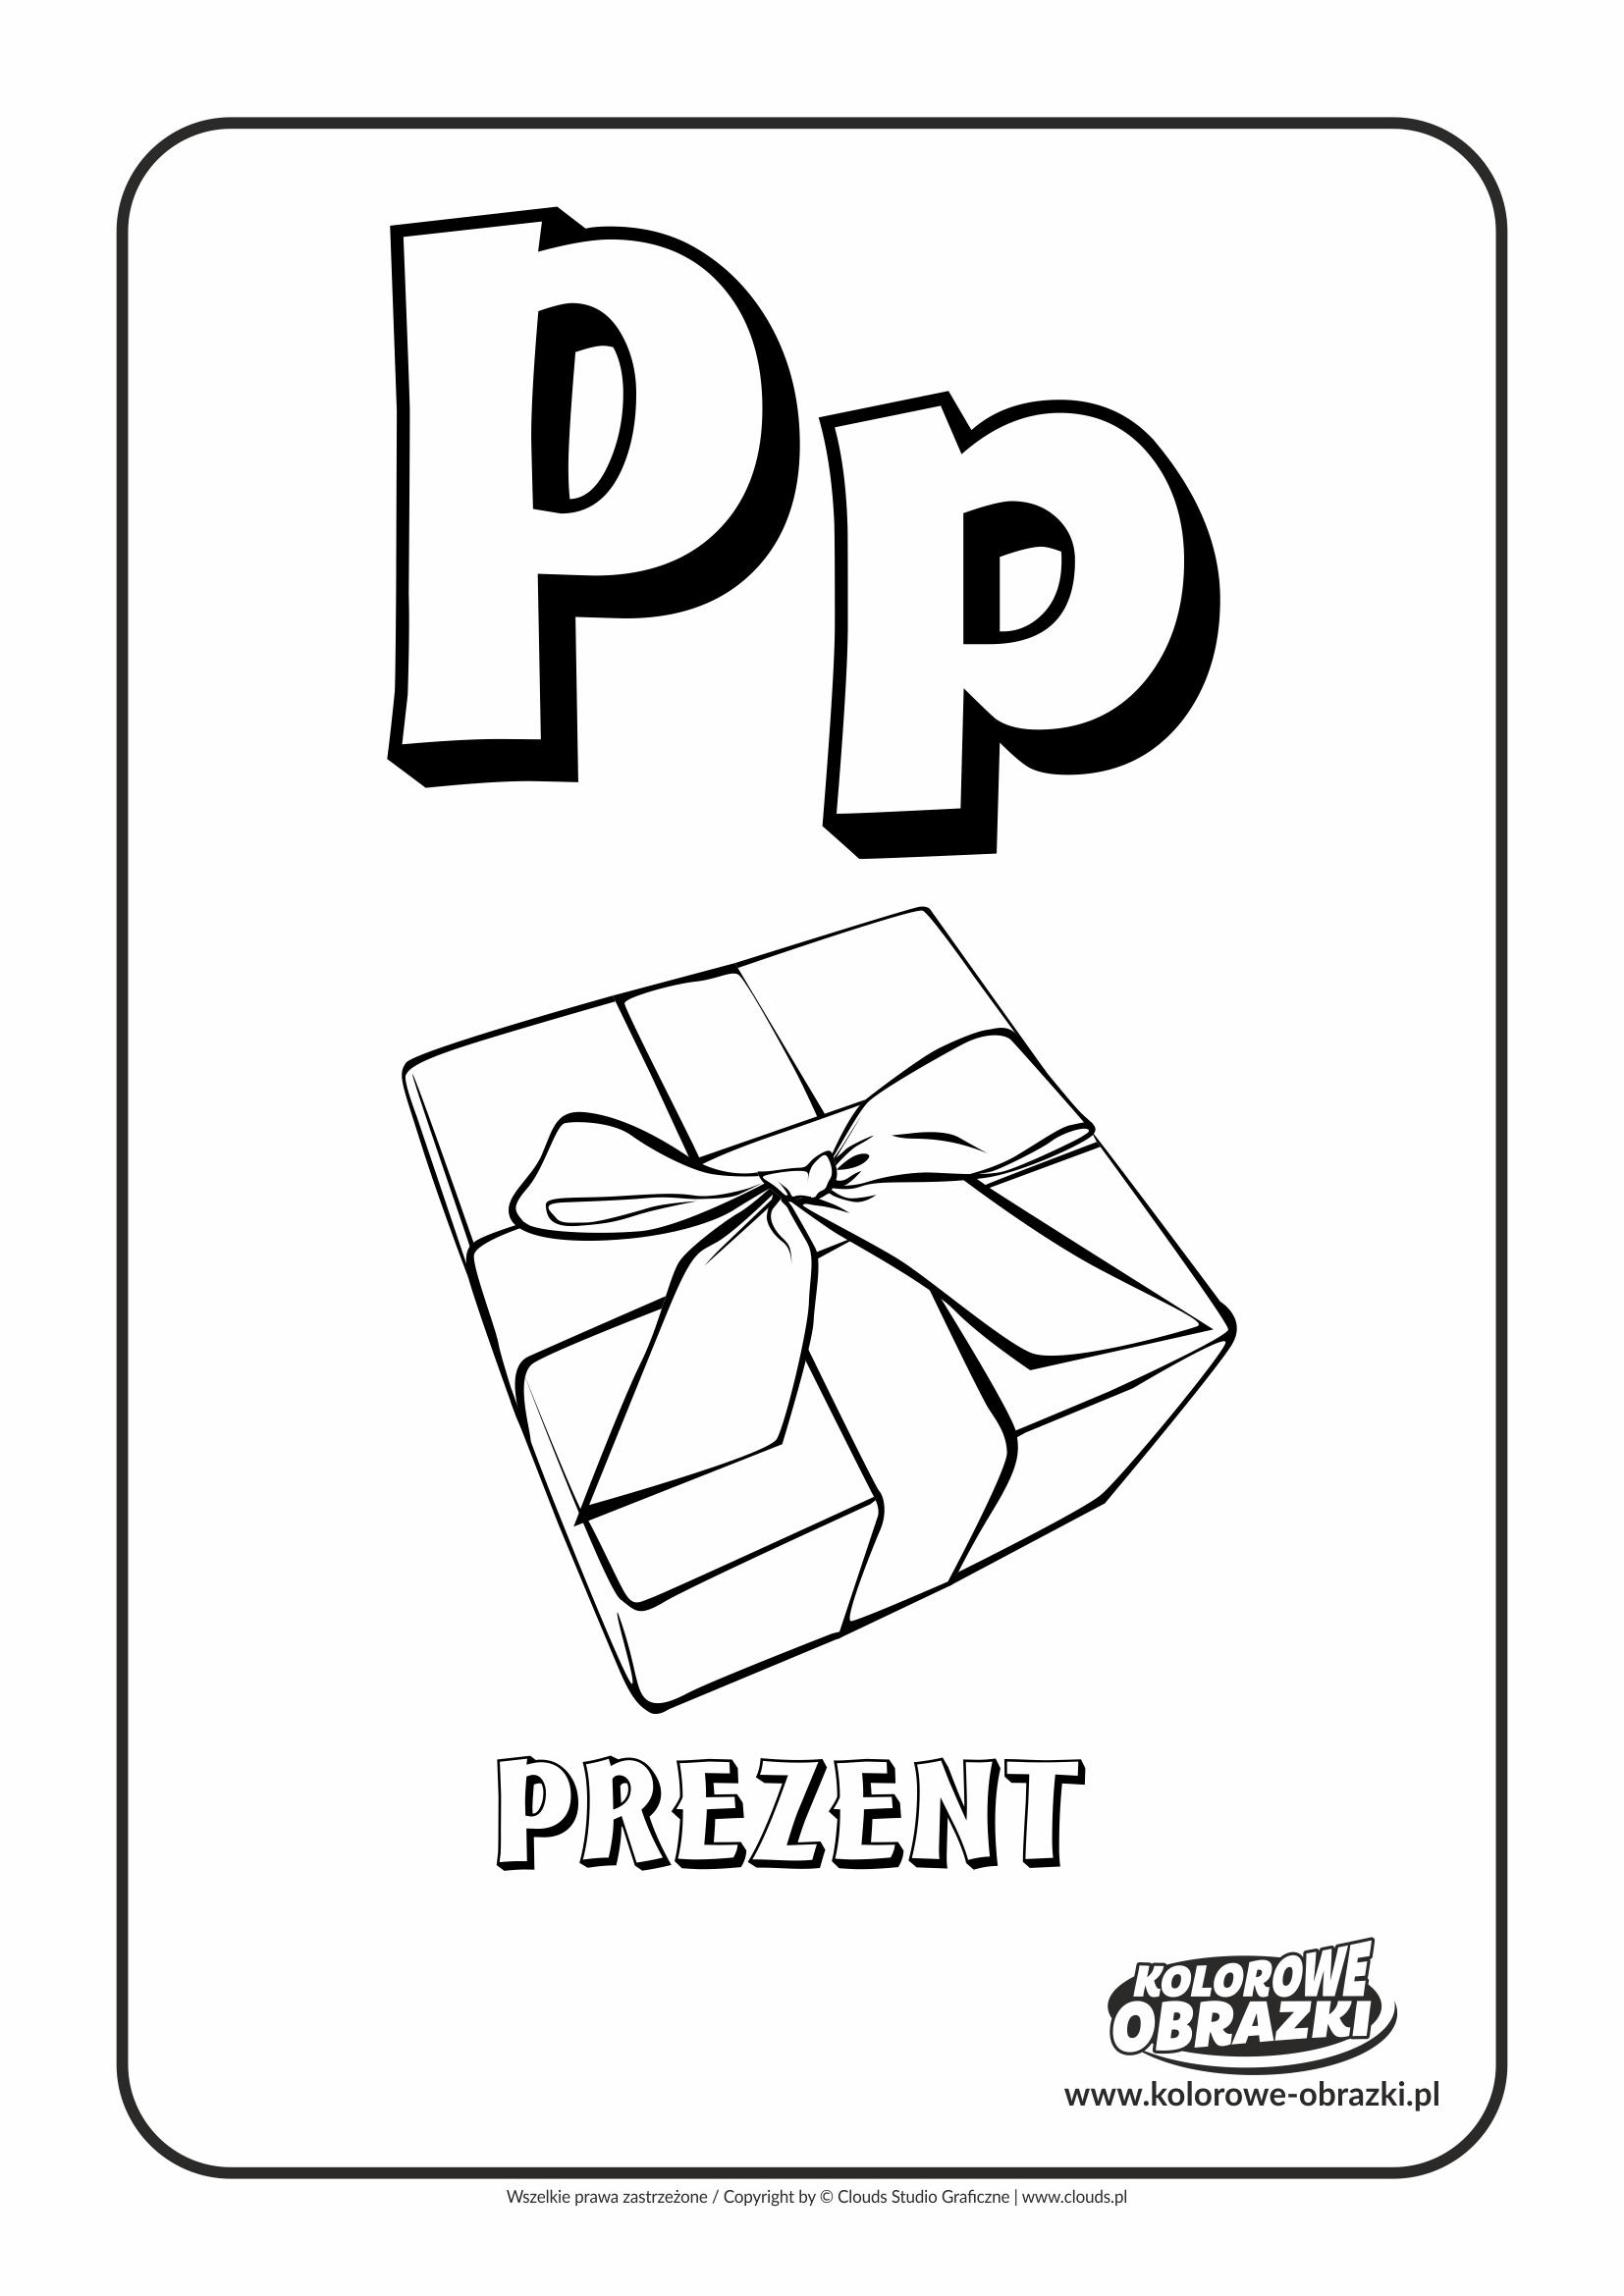 Kolorowanki dla dzieci - Litery / Litera P. Kolorowanka z literą P